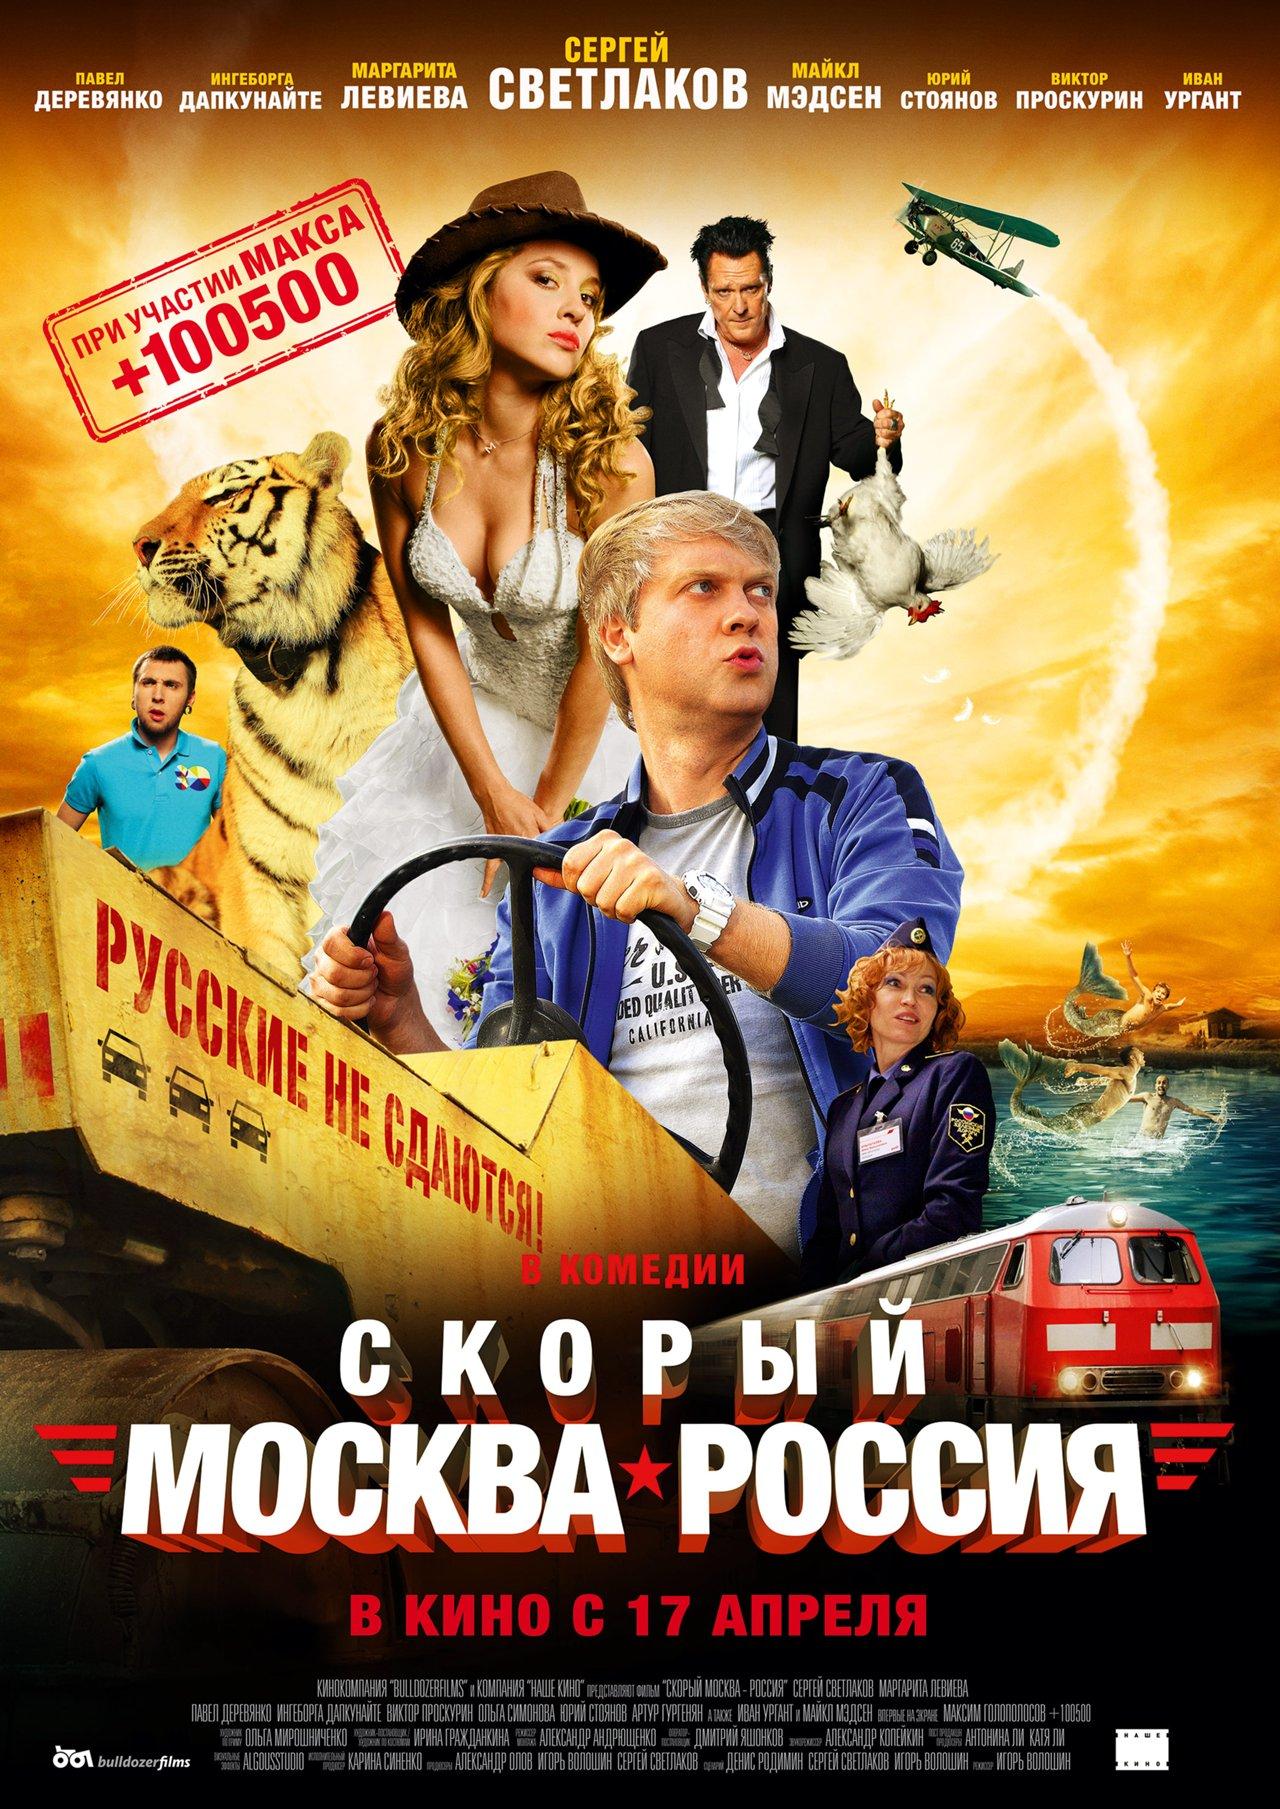 Кадры из фильма кино криминал смотреть россия